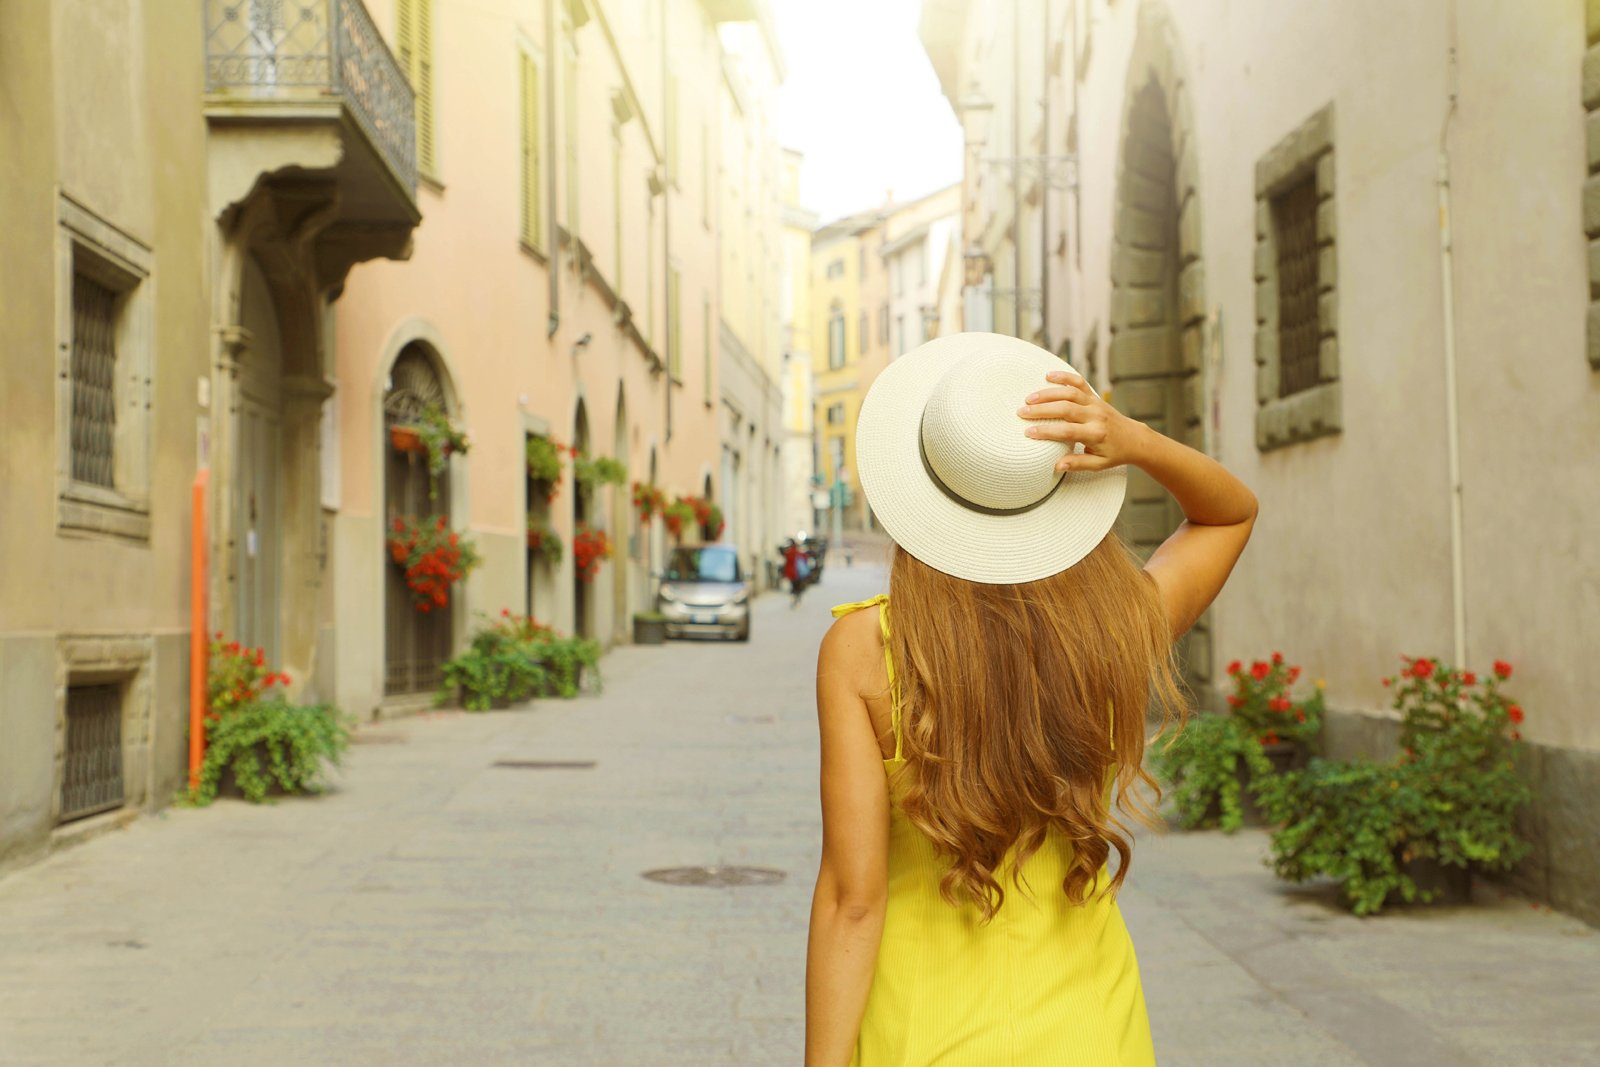 Turismo in appartamento: come è andata l'estate 2020? Ne parliamo con Francesco Zorgno di CleanBnB